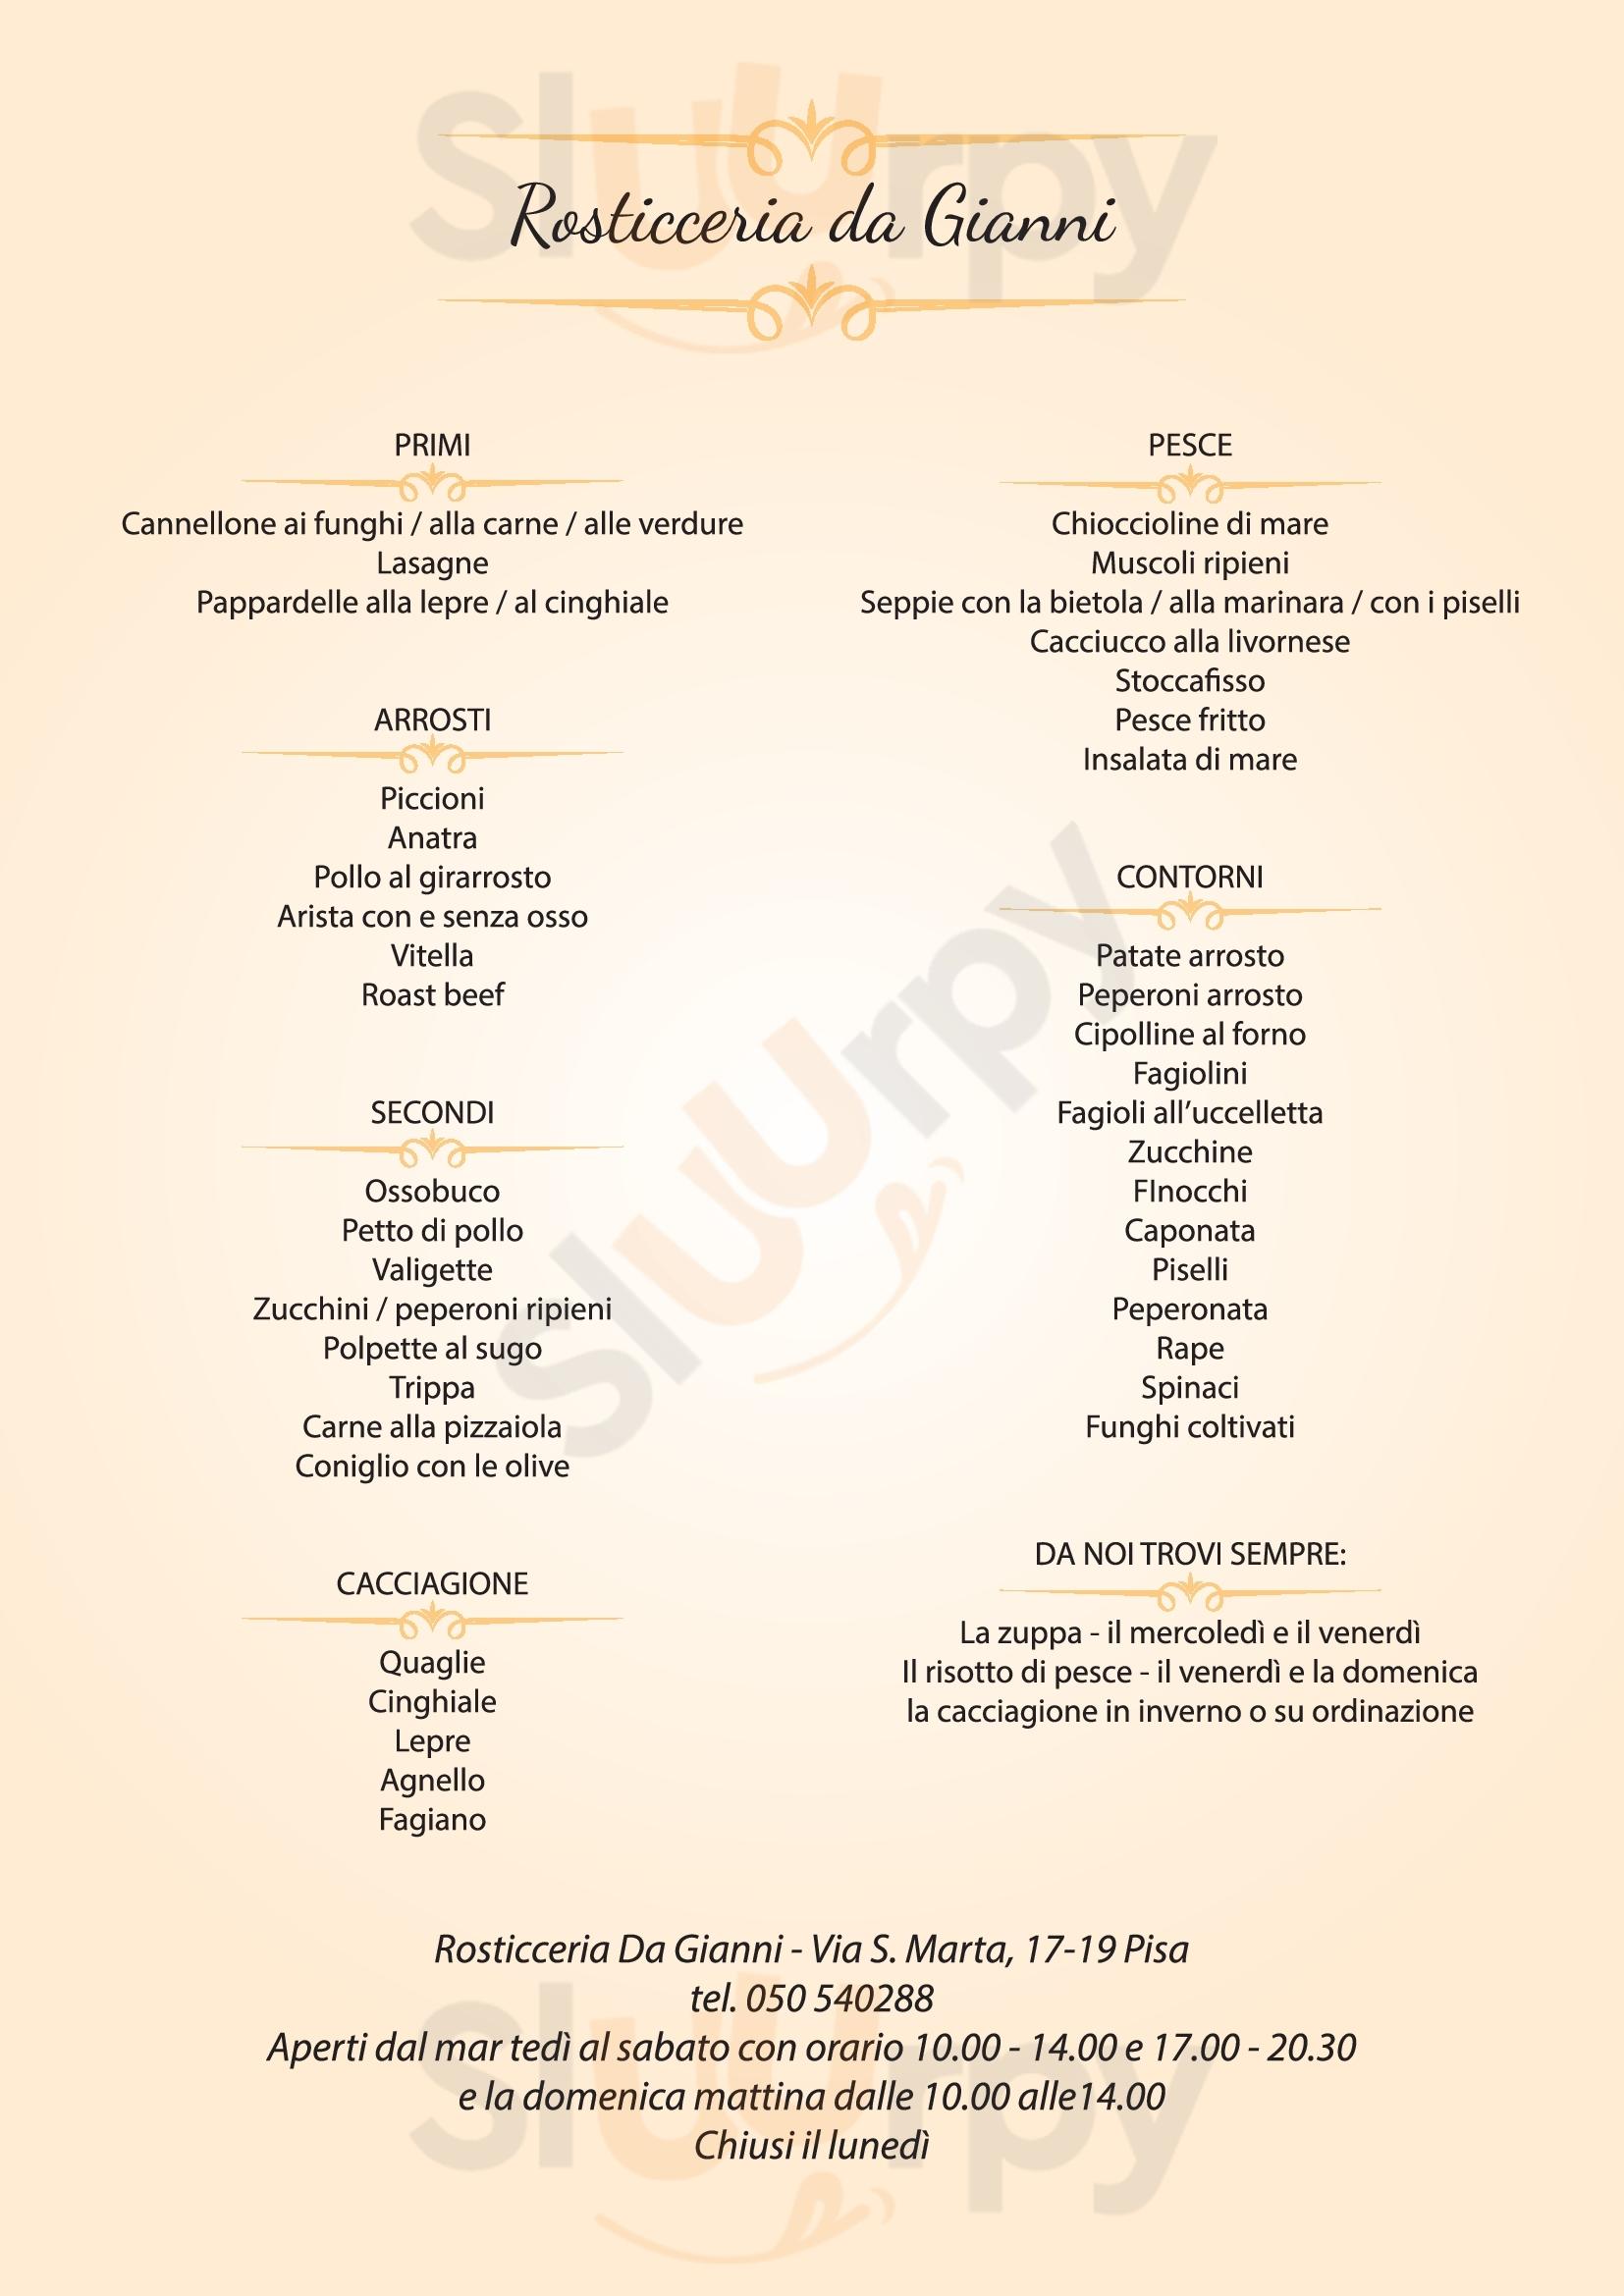 Rosticceria Da Gianni Pisa menù 1 pagina